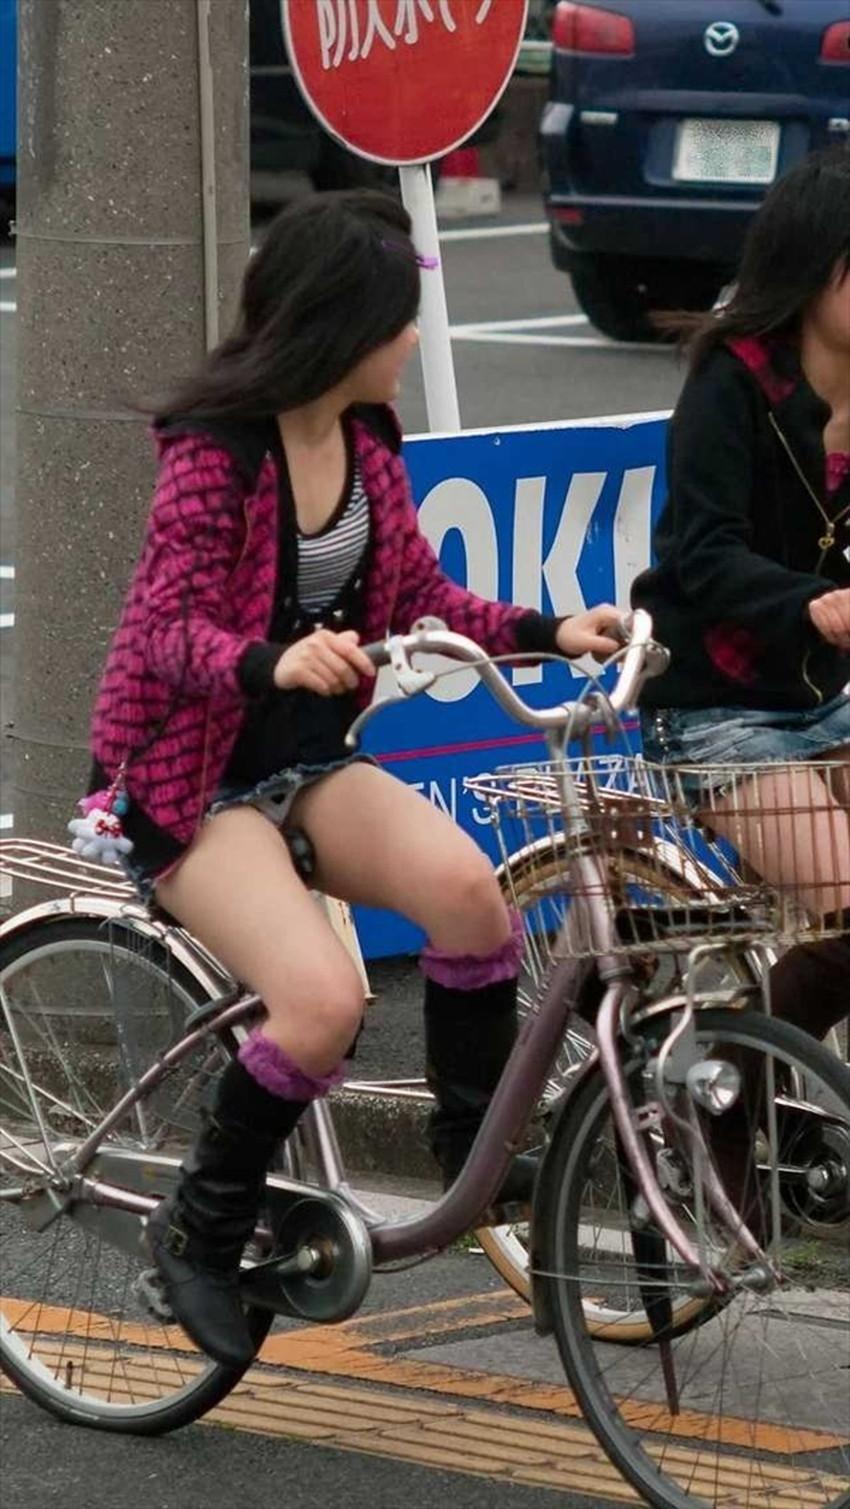 【チャリンコ女子エロ画像】自転車通学の制服JKやスーツOLのパンチラや食い込む美尻が朝から嬉し過ぎるチャリンコ女子のエロ画像集!ww【80枚】 54